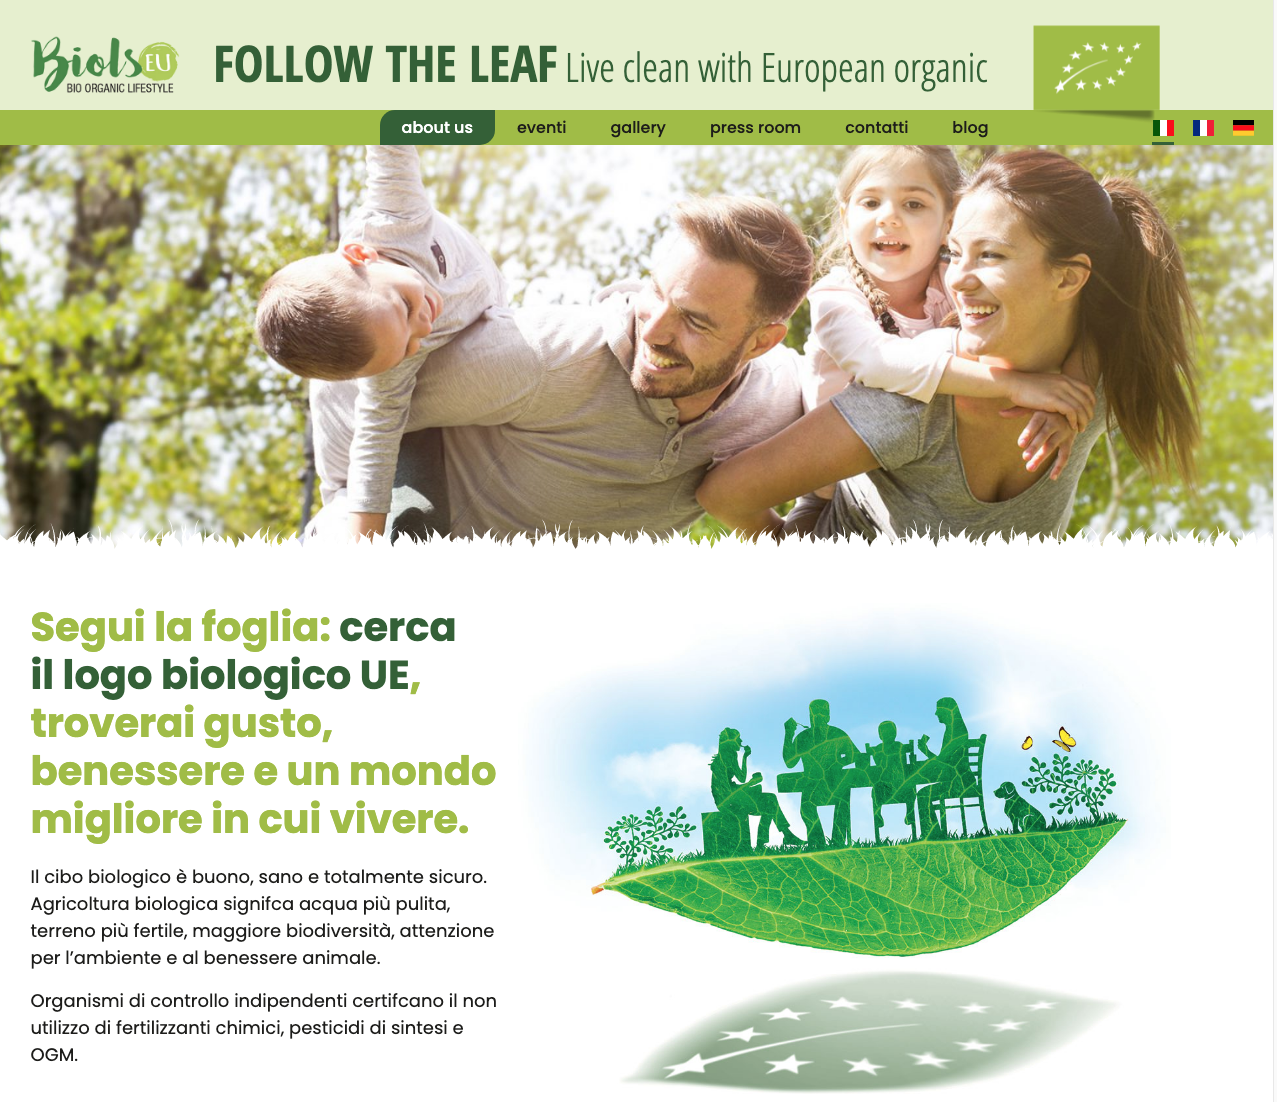 Una schermata del sito di informazione e promozione del biologico biols.eu